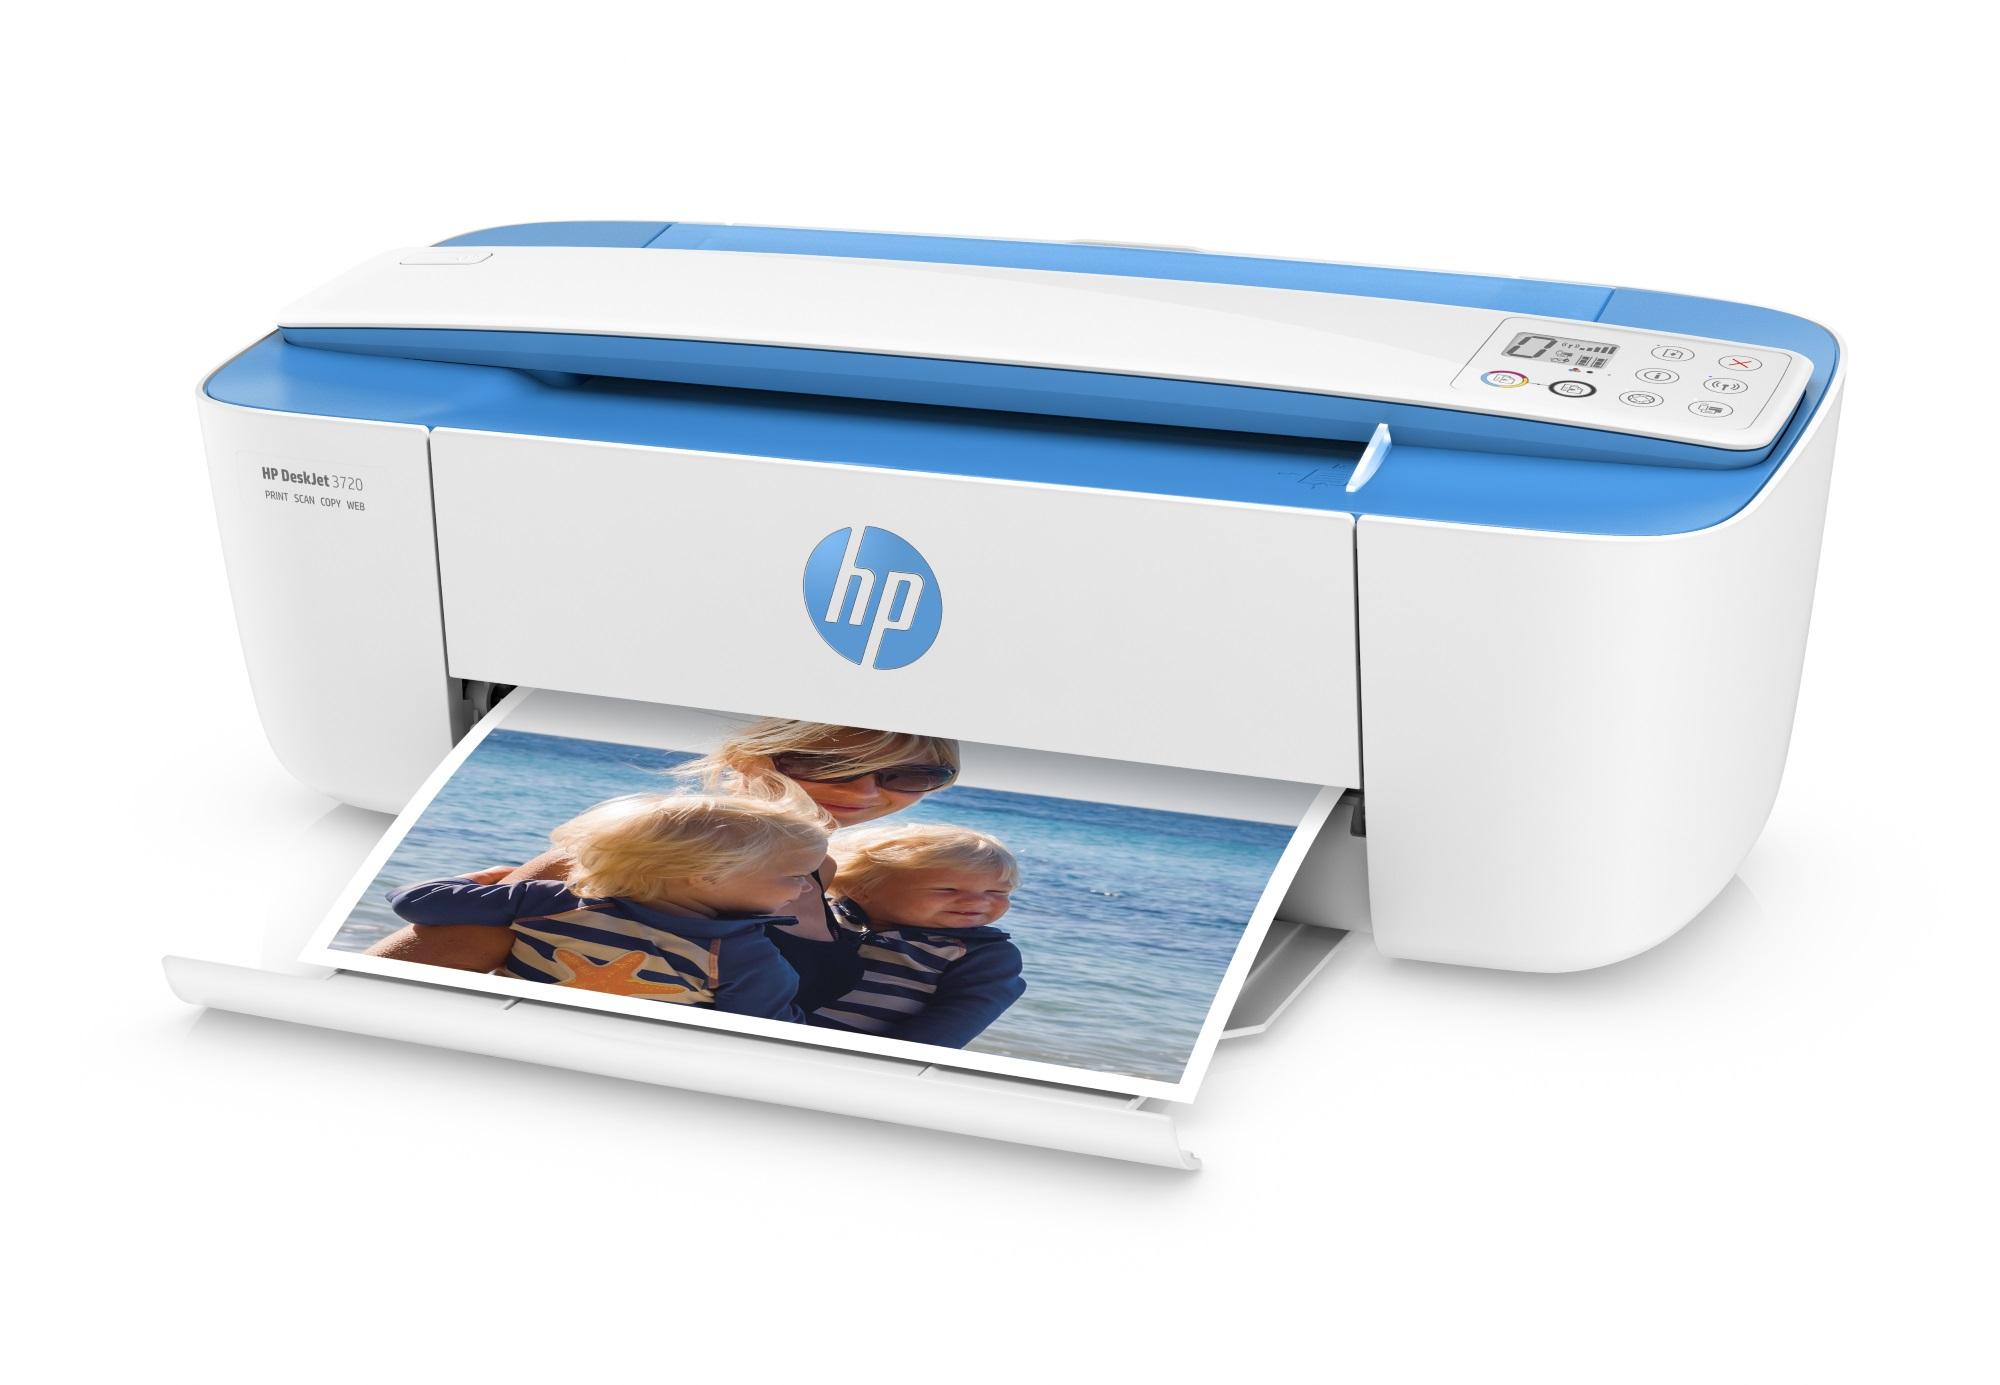 hp pr sente la plus petite imprimante multifonction du march silicon. Black Bedroom Furniture Sets. Home Design Ideas